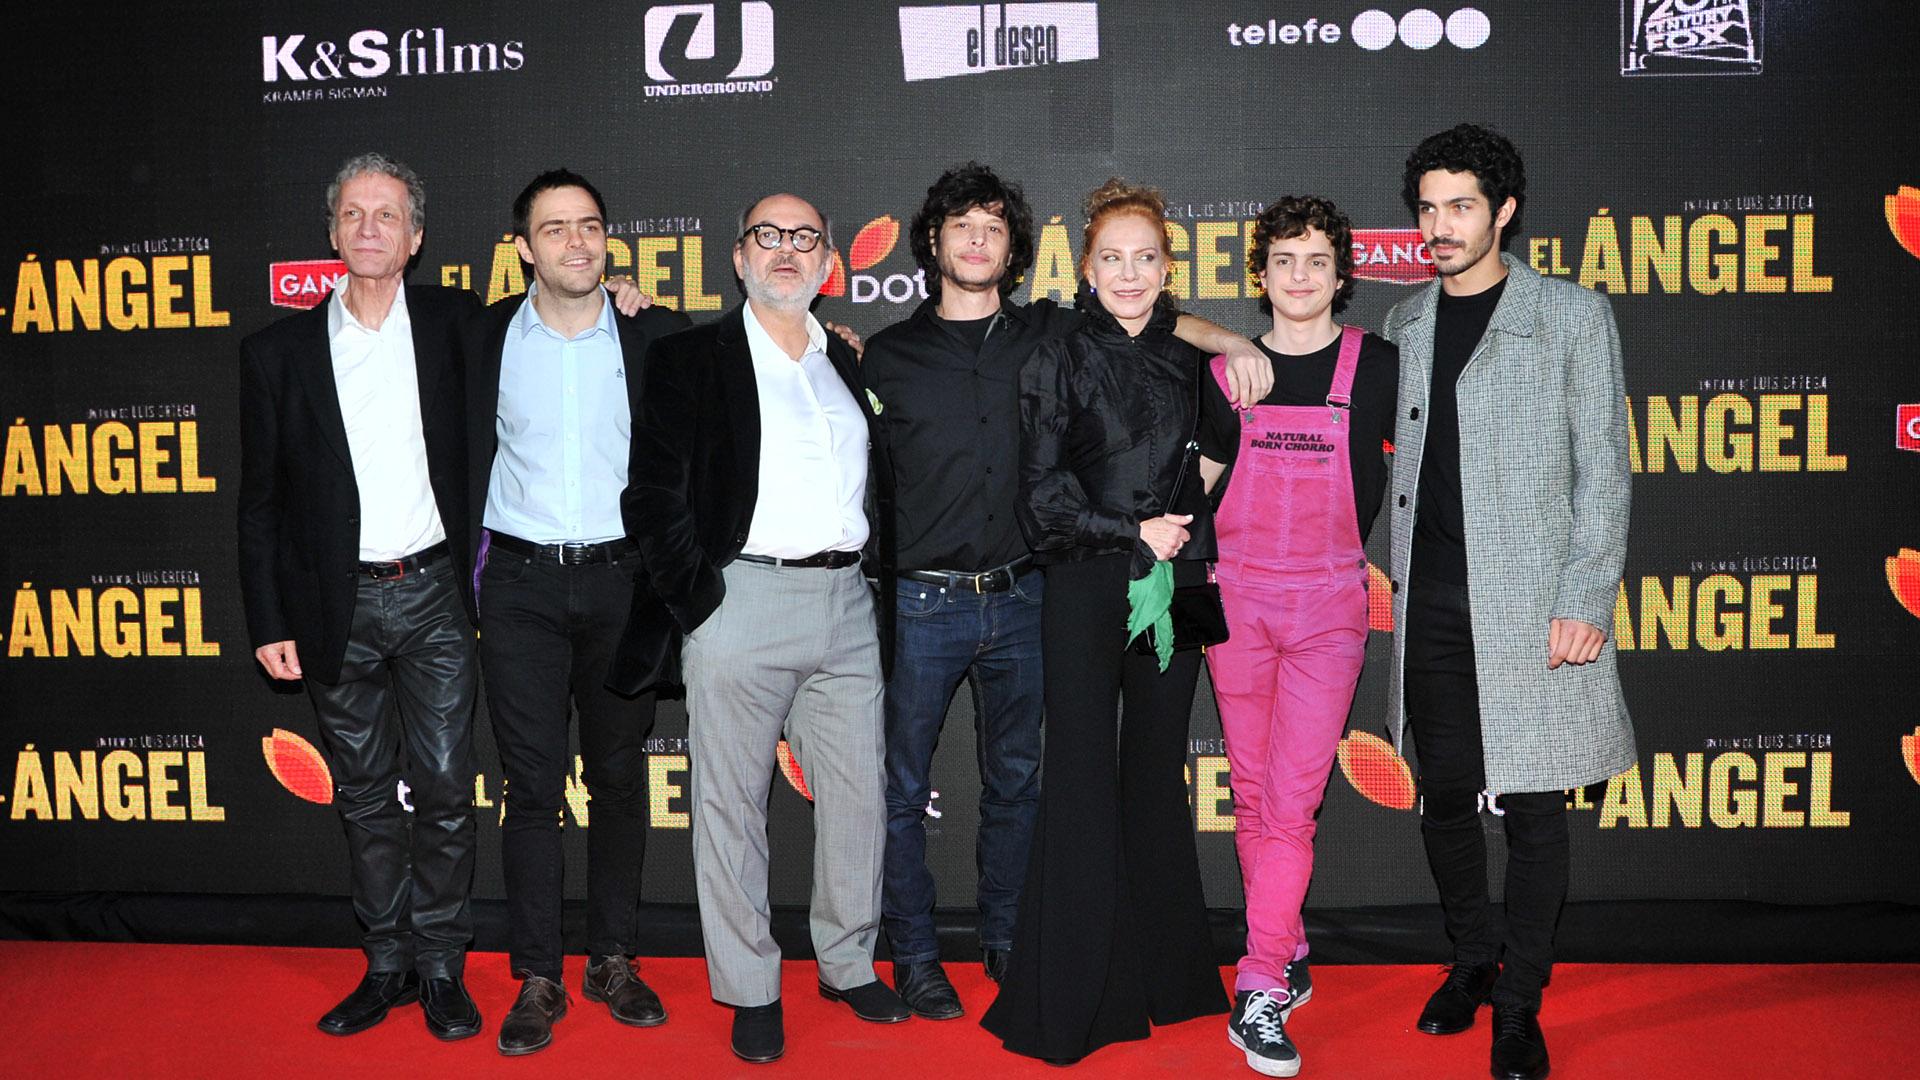 """La película """"El ángel"""" está basada en la vida de Carlos Robledo Puch, un asesino que a los 20 años fue condenado a cadena perpetua (Teleshow)"""